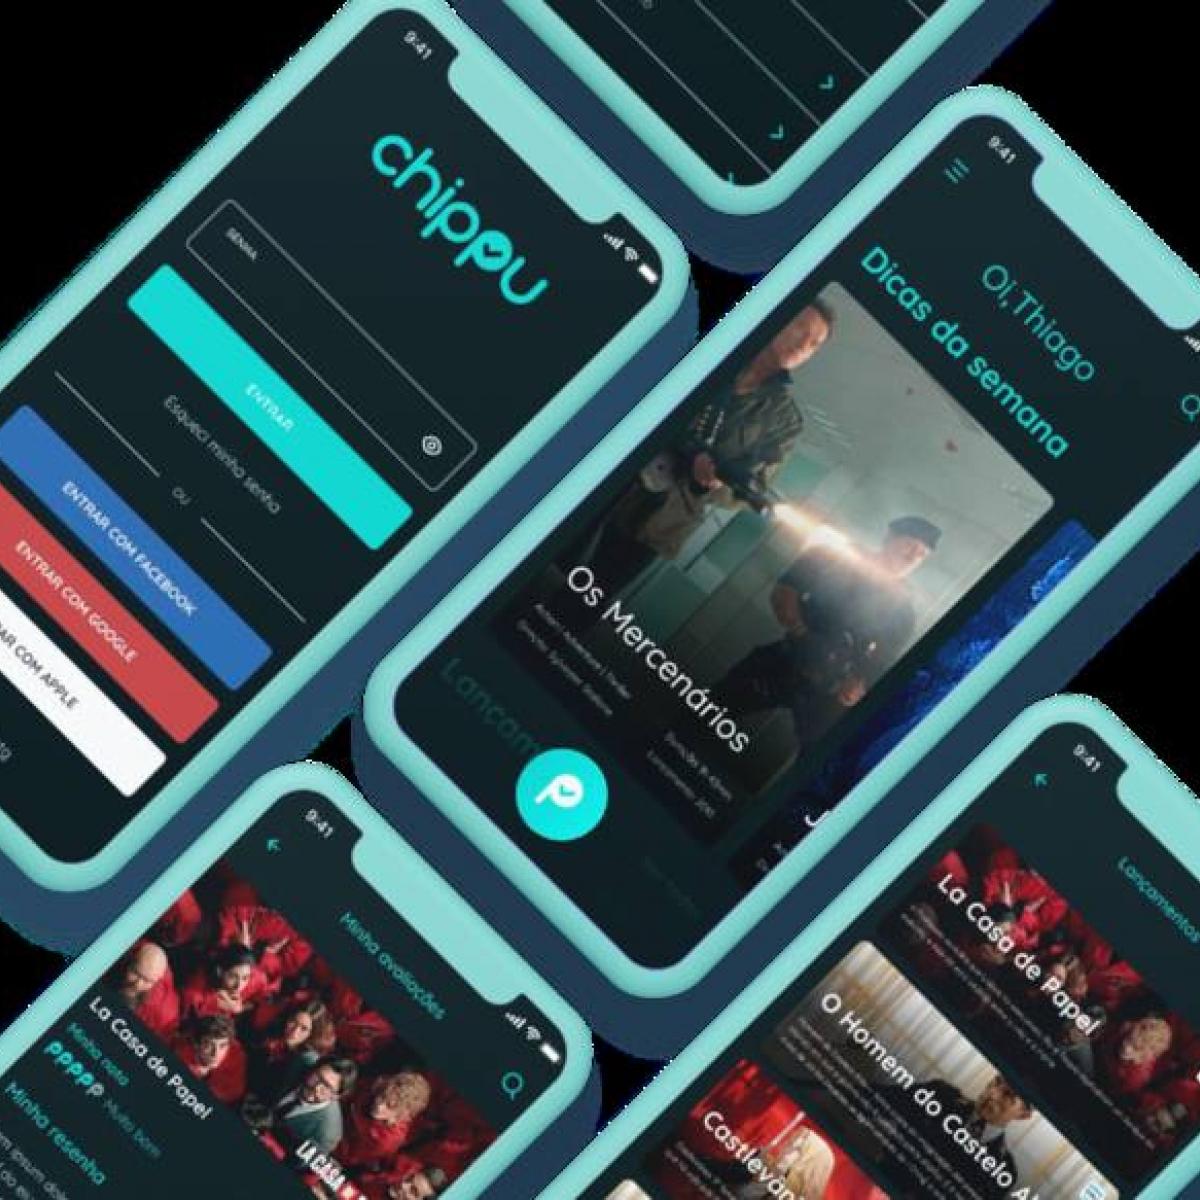 Chippu ajuda a escolher um filme para assistir